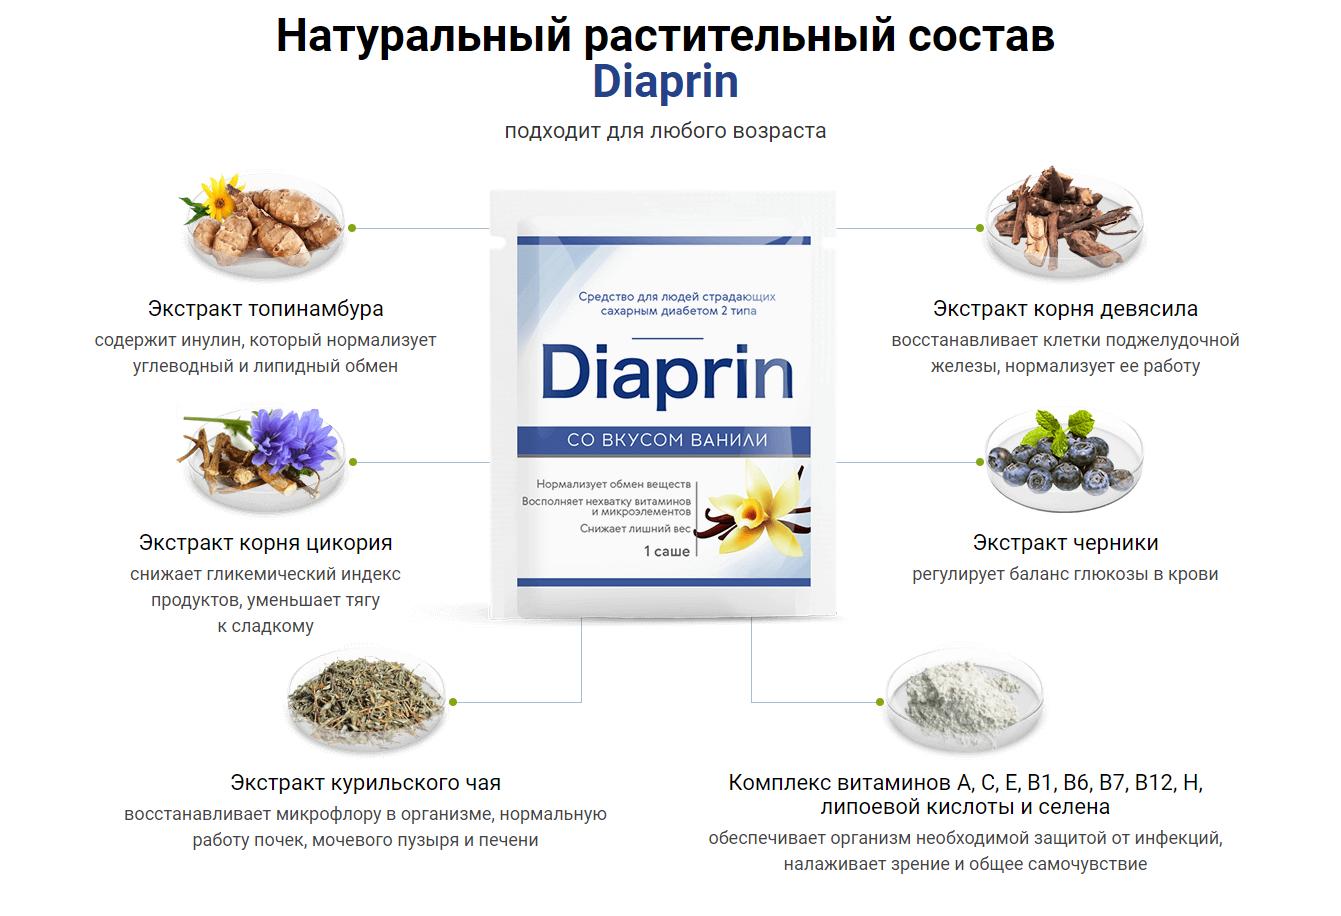 Диаприн – состав